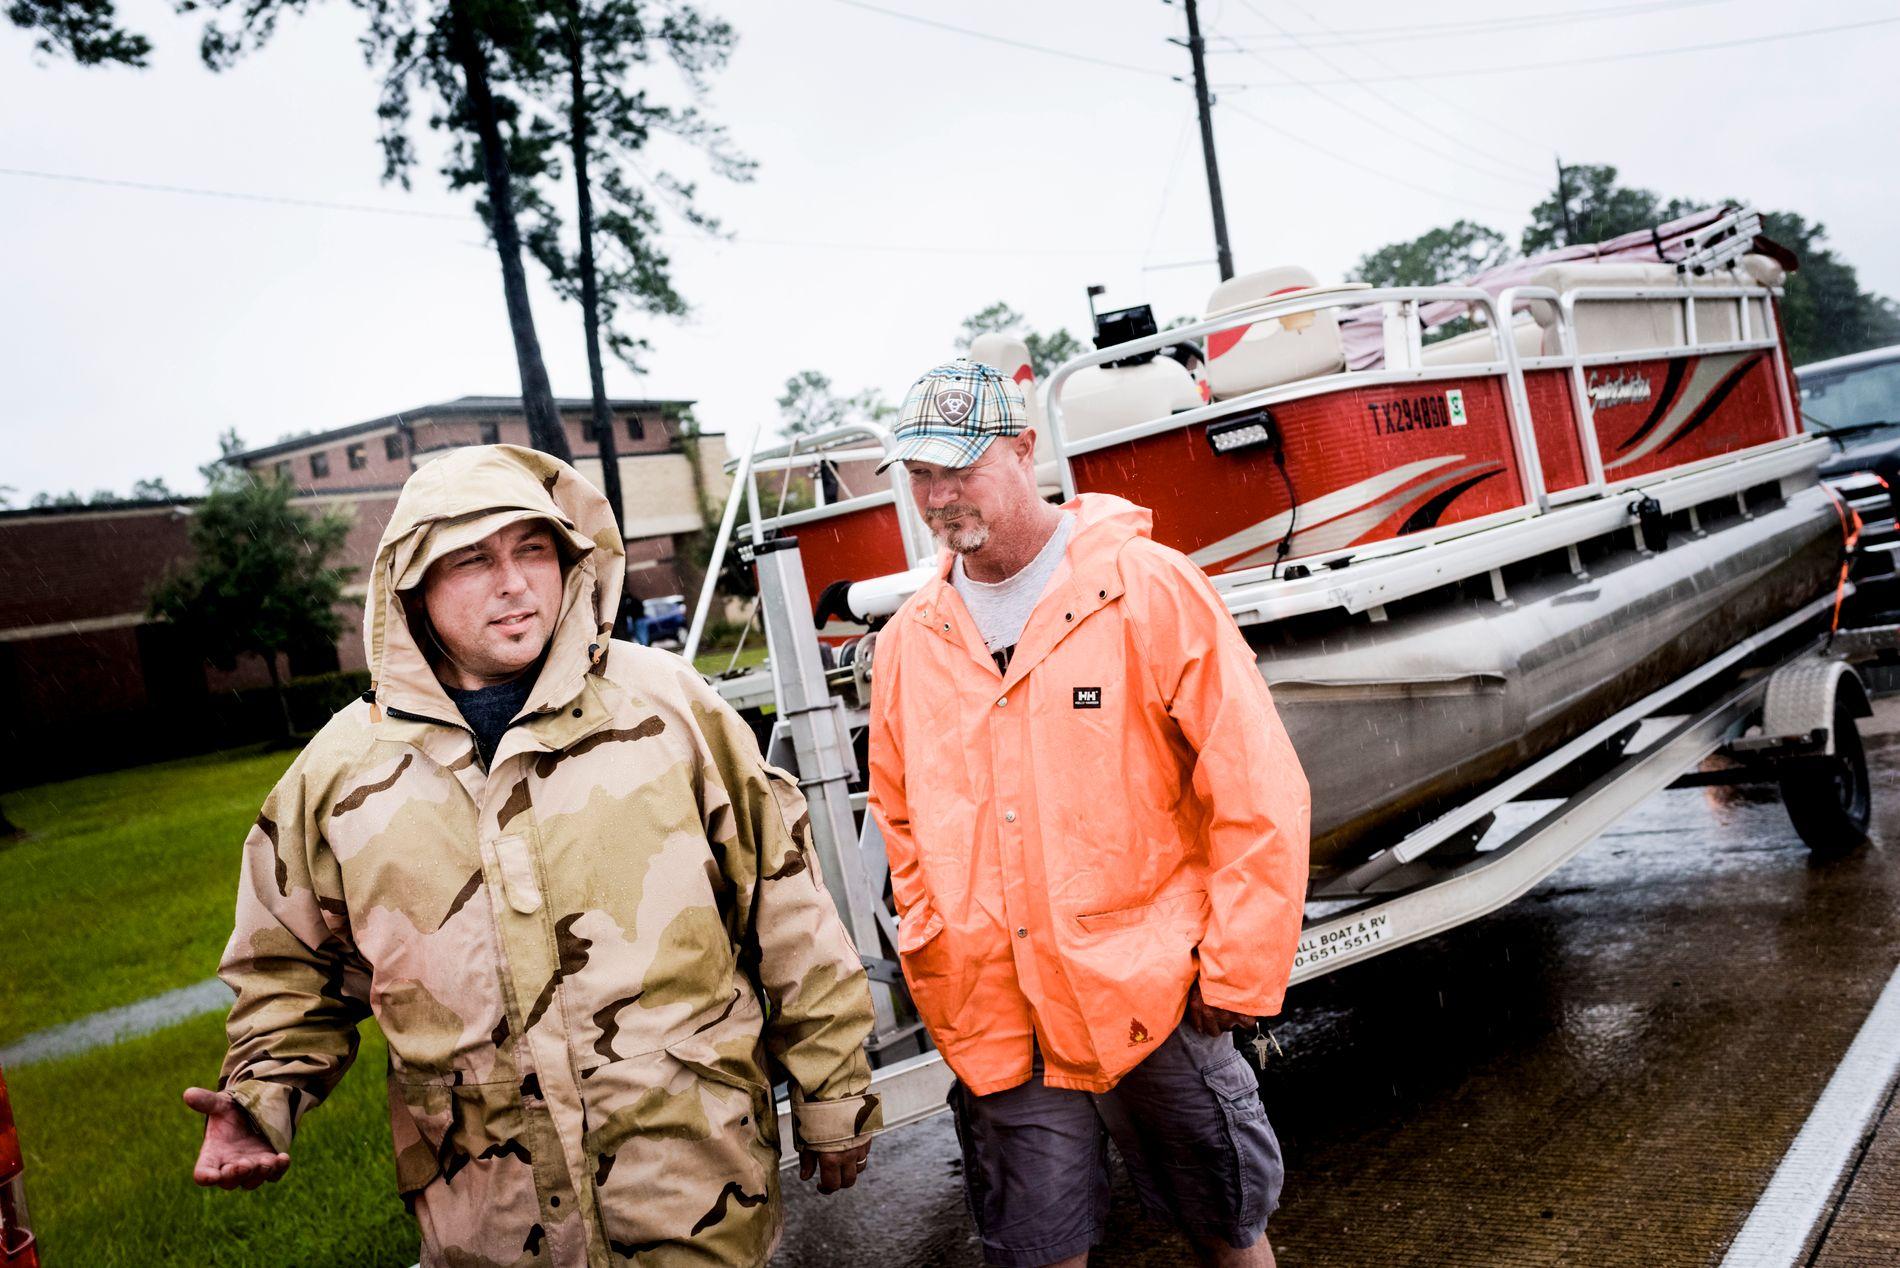 HJELPER I NØDEN: Chris Bugg (t.v.) og Eric Neff er på vei med båt for å hjelpe til med redninsgarbeidet.